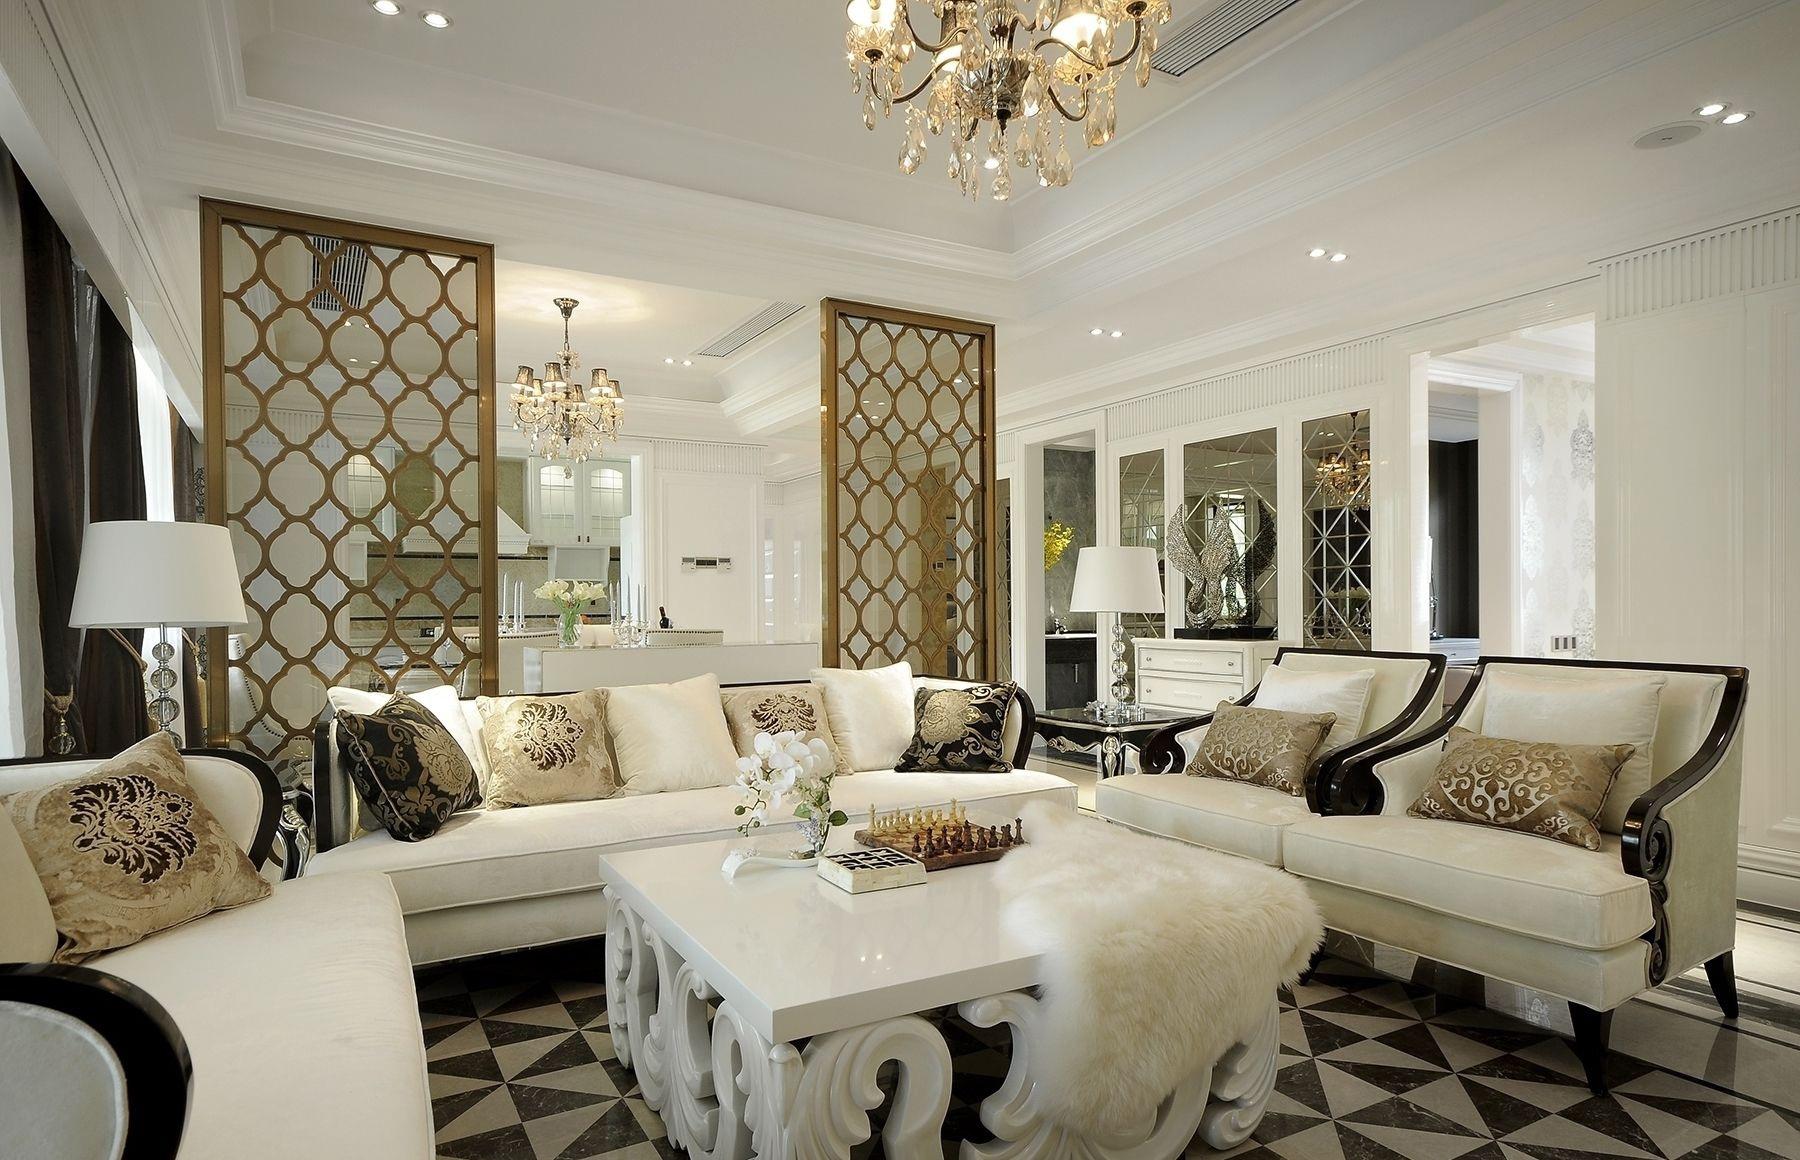 皮质的沙发,白色的茶几,精致的吊灯点缀着整个客厅的别致